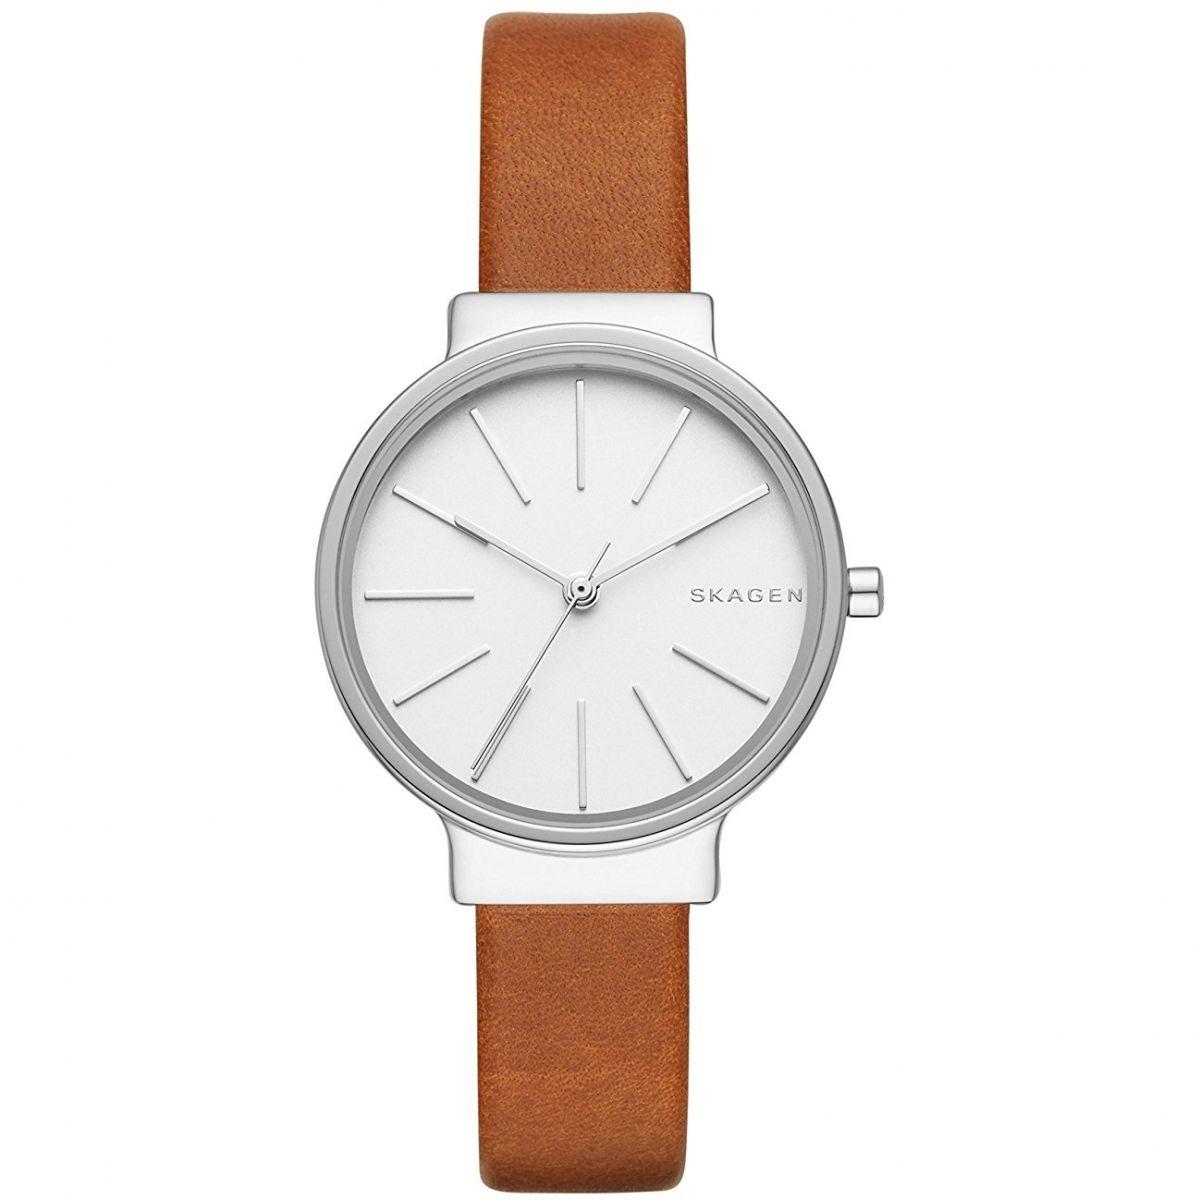 送料無料 ラッピング無料 SKAGEN 5☆好評 スカーゲン 腕時計 レディース 正規販売店 SKW2479 今だけさらにもう1本 並行輸入品